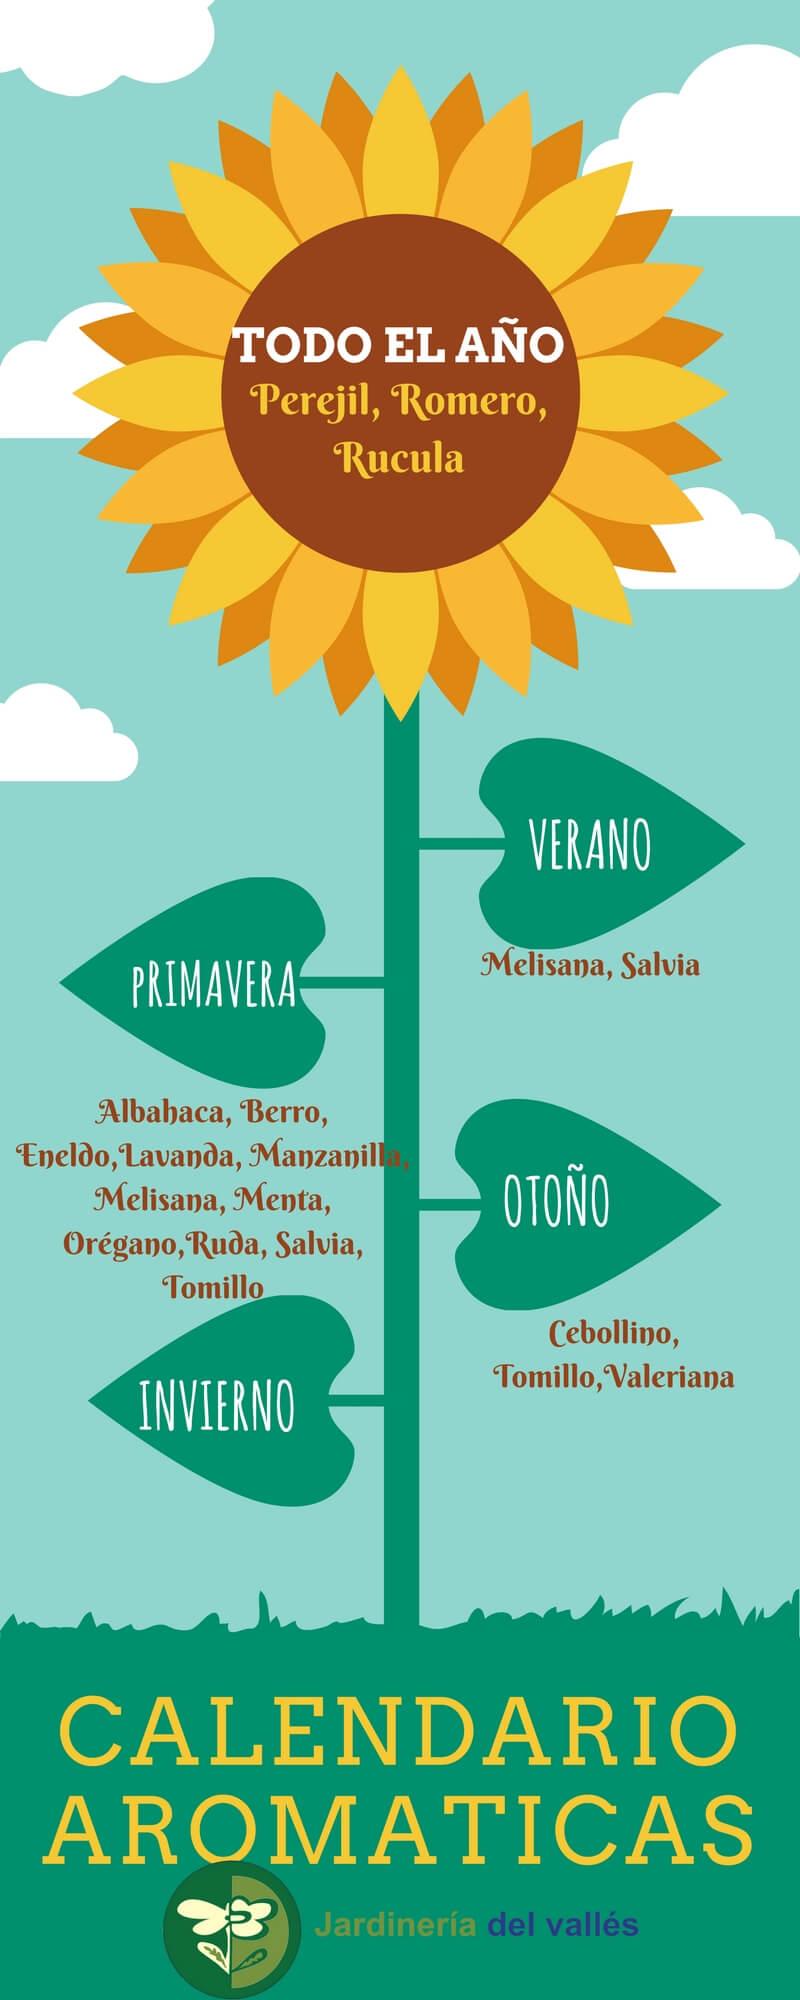 Practico calendario para sembrar aromáticas